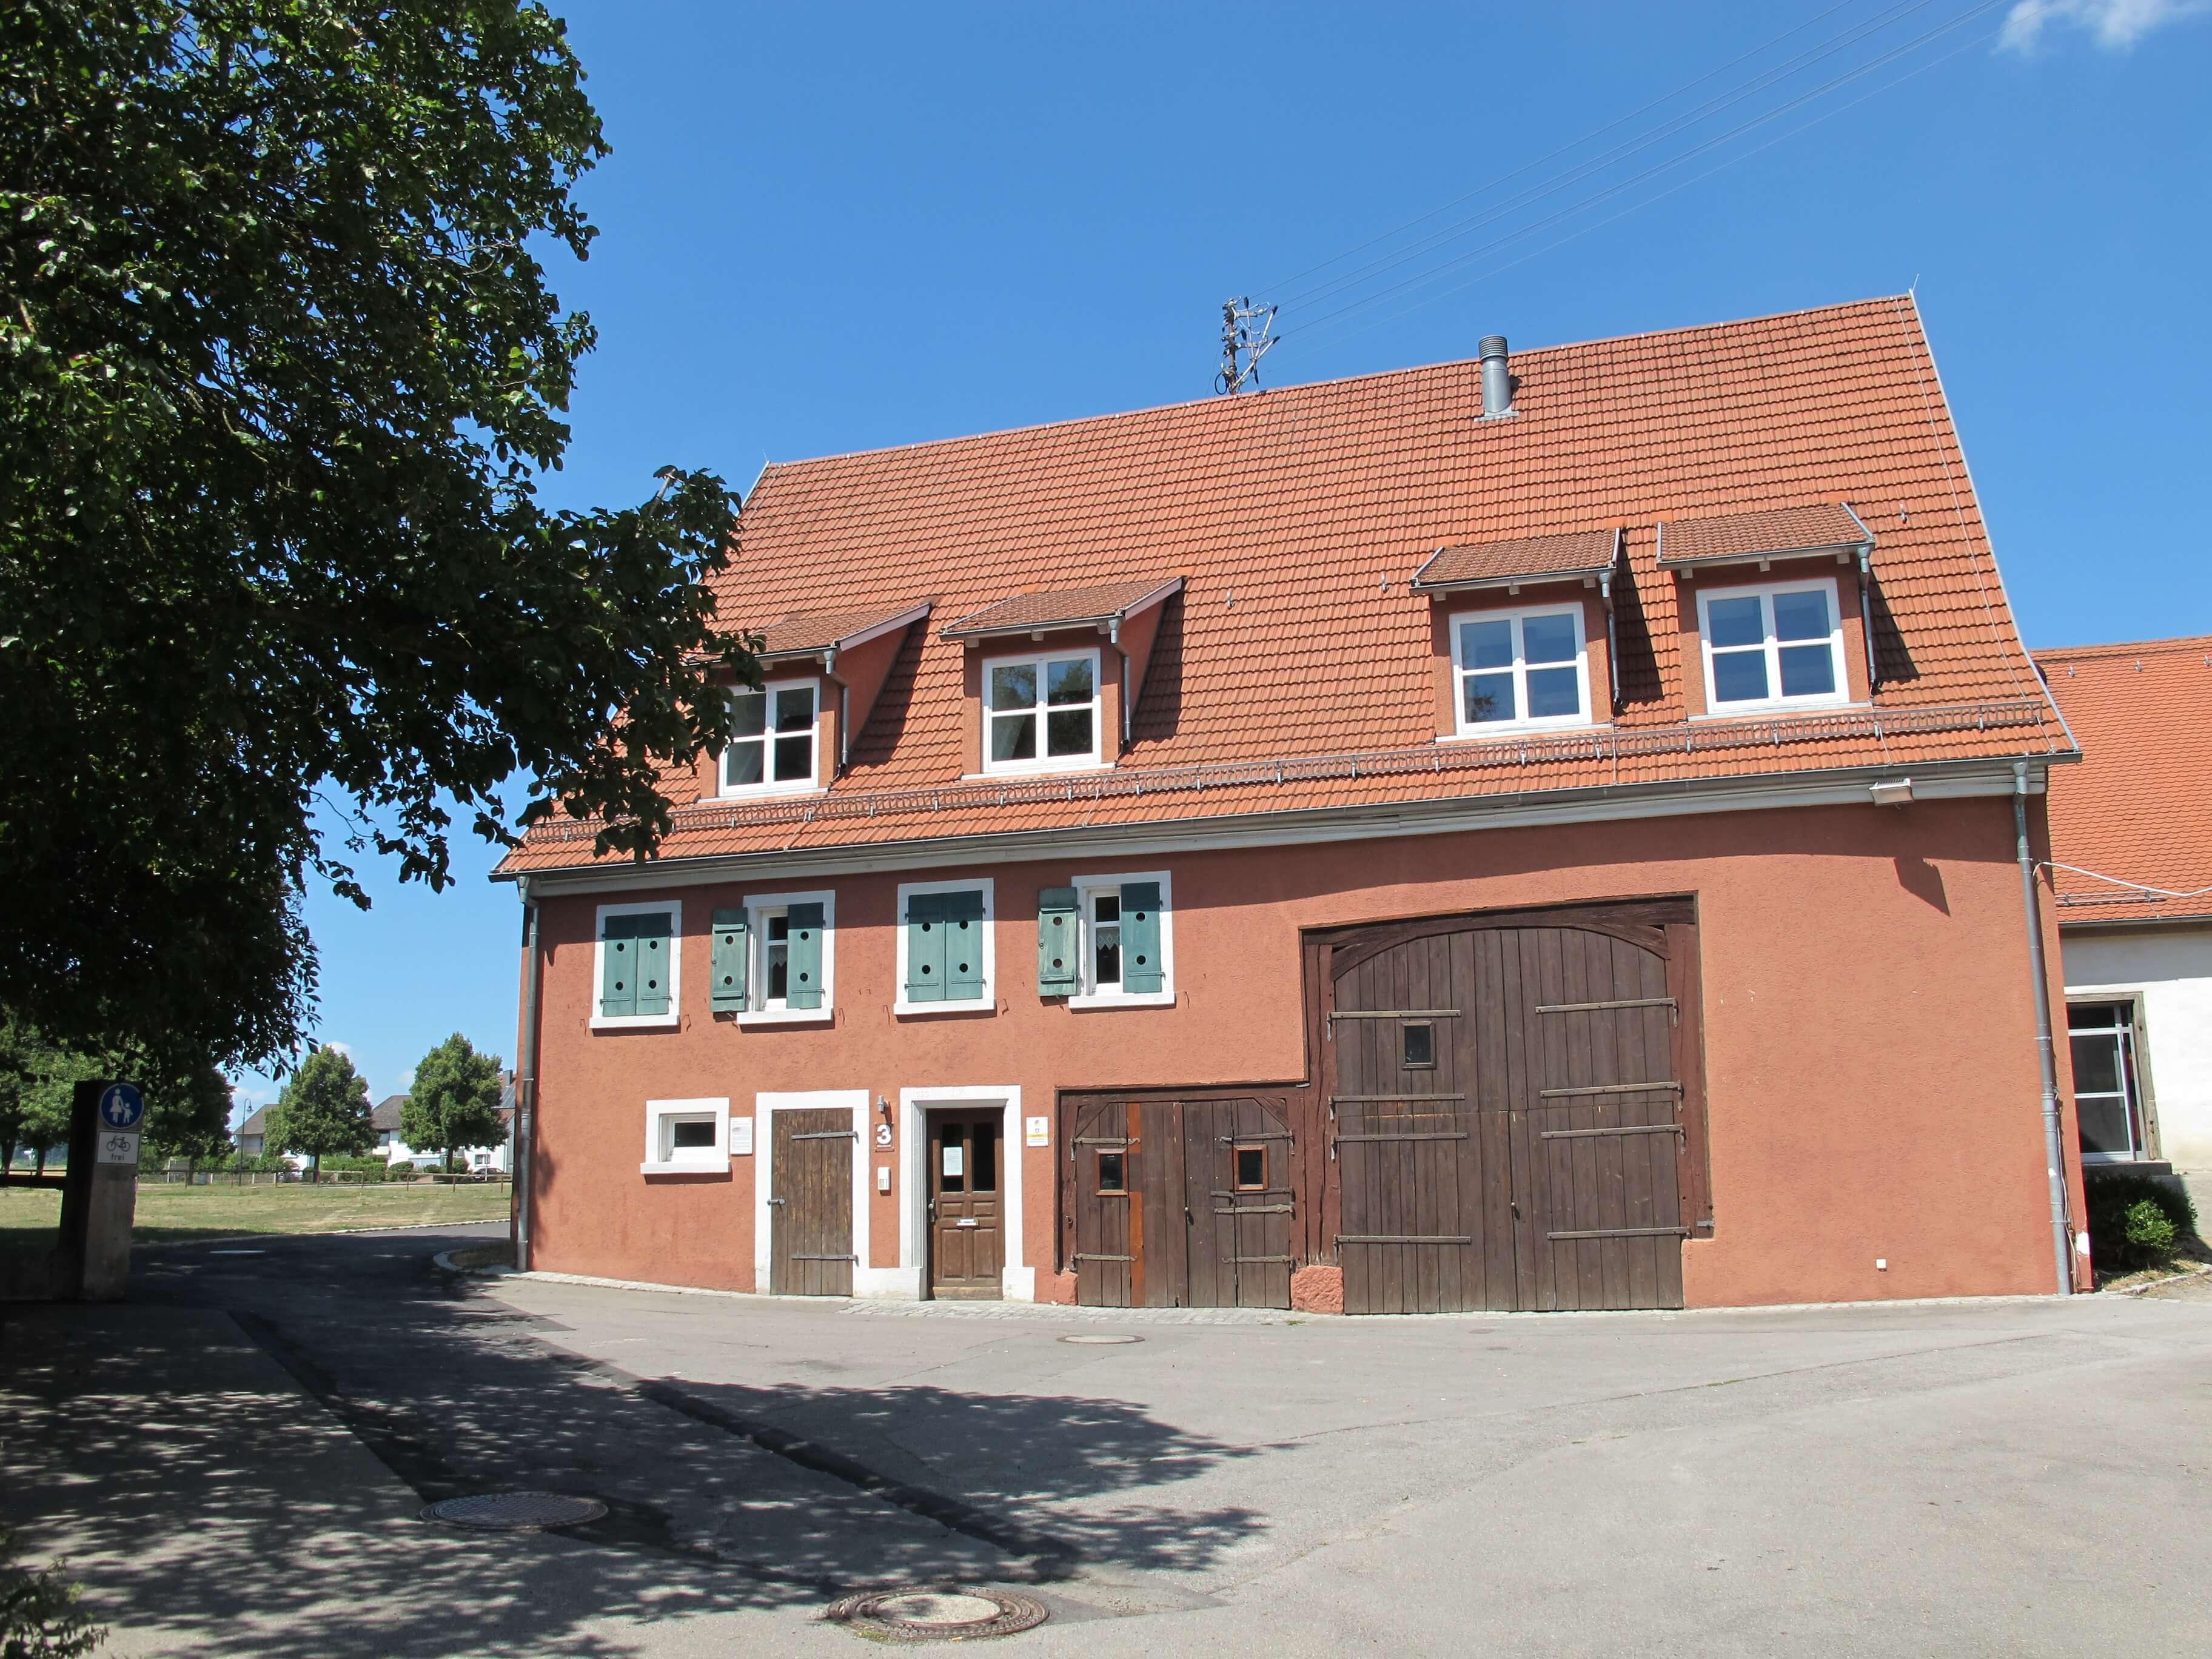 Jugend- und Vereinshaus Hirrlingen